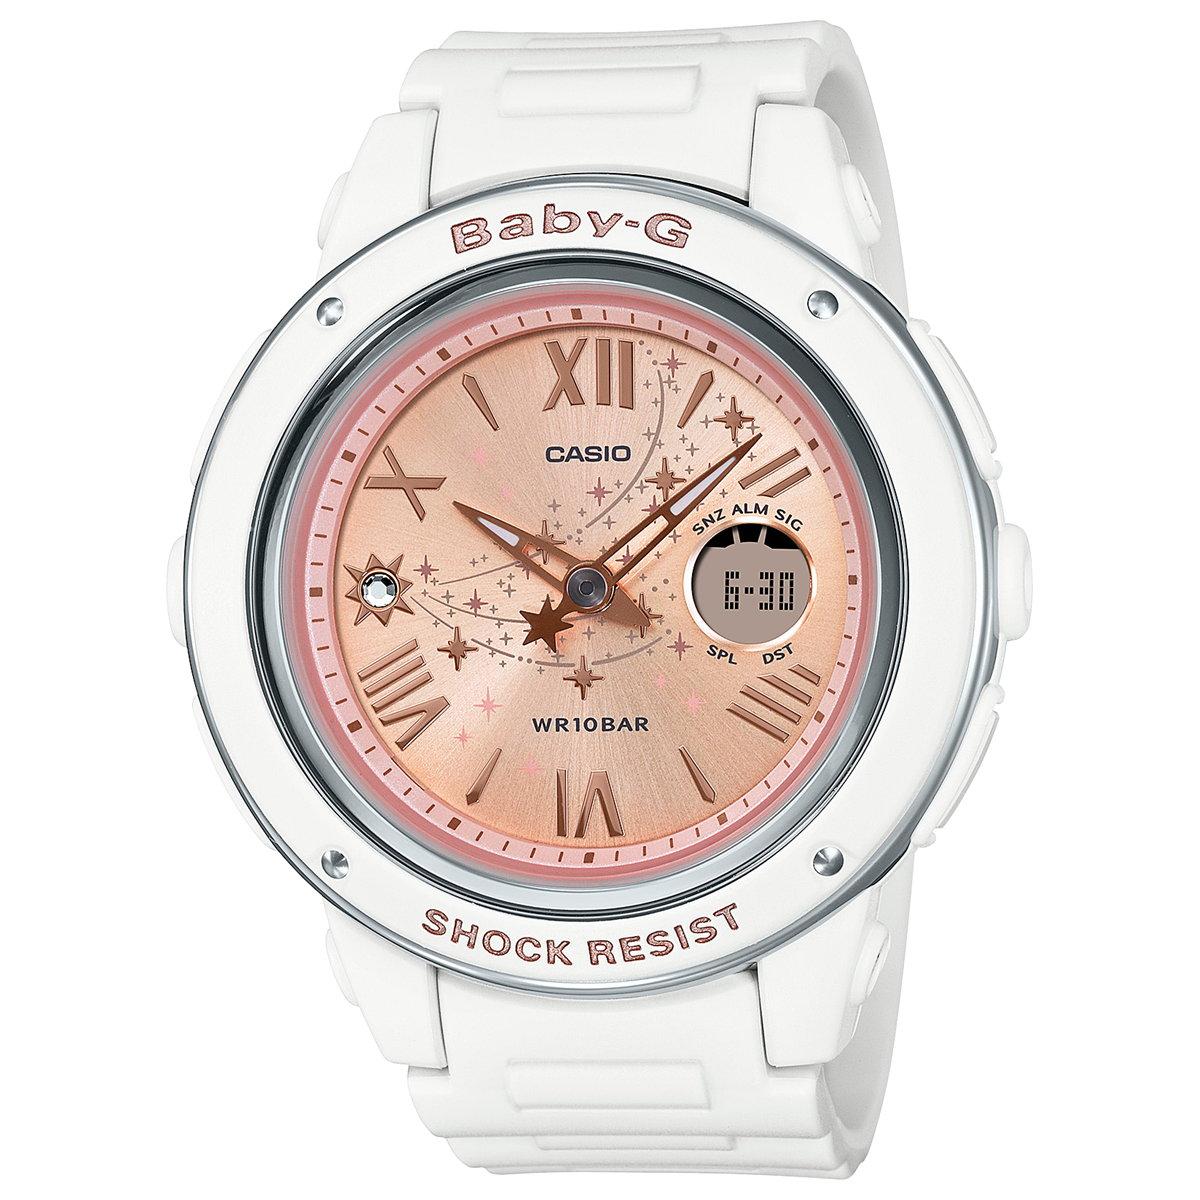 BABY-G カシオ ベビーG レディース 腕時計 Star Dial BGA-150ST-7AJF